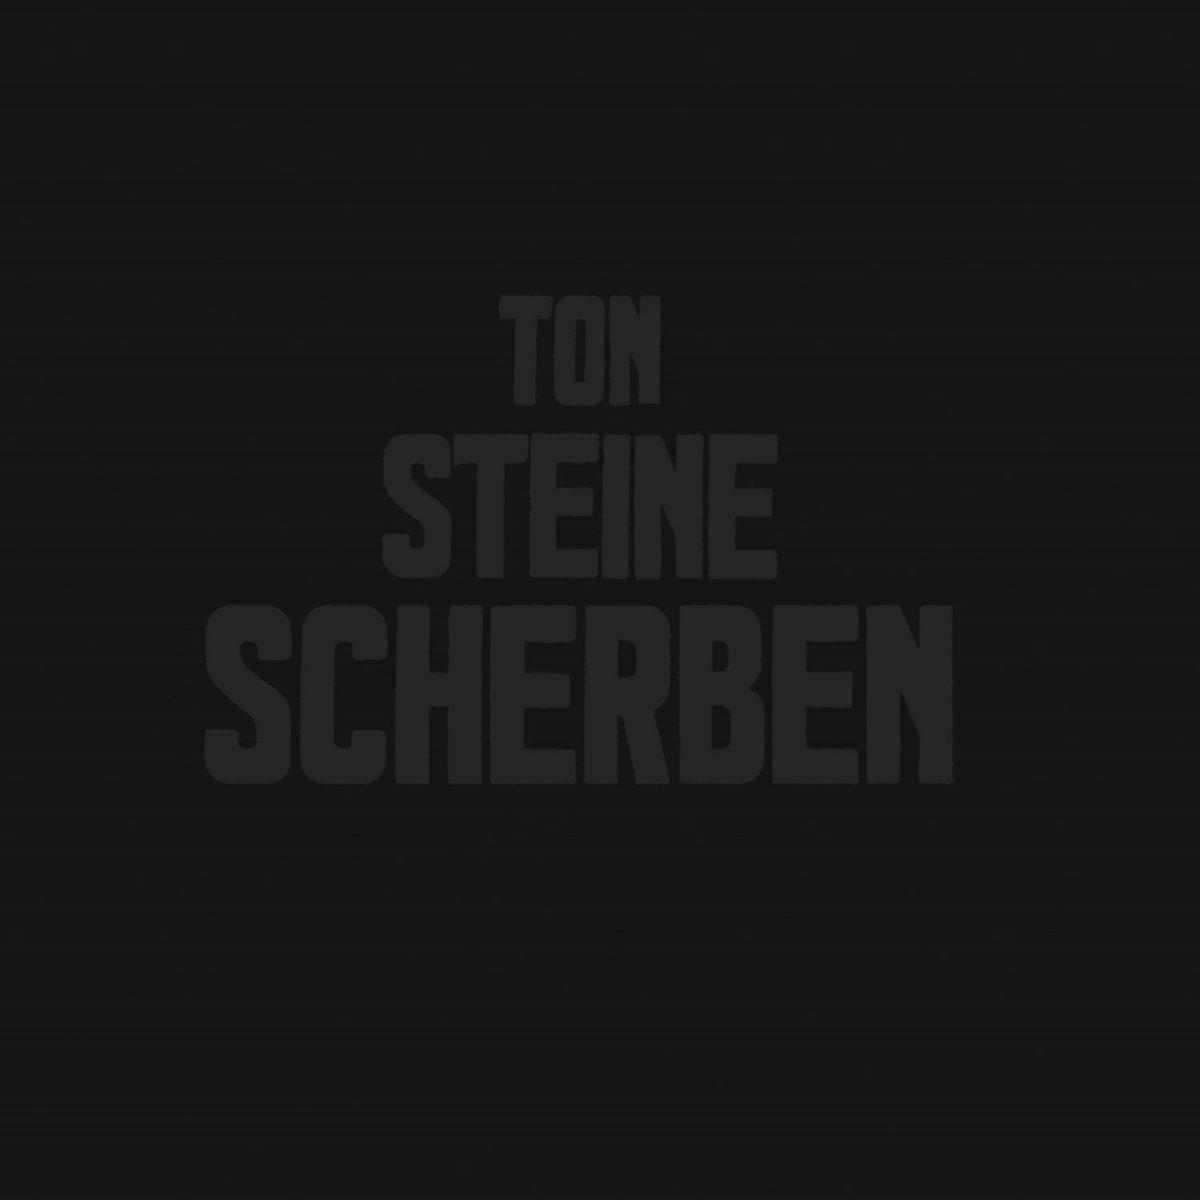 Ton Steine Scherben: IV (Die Schwarze) (1981)